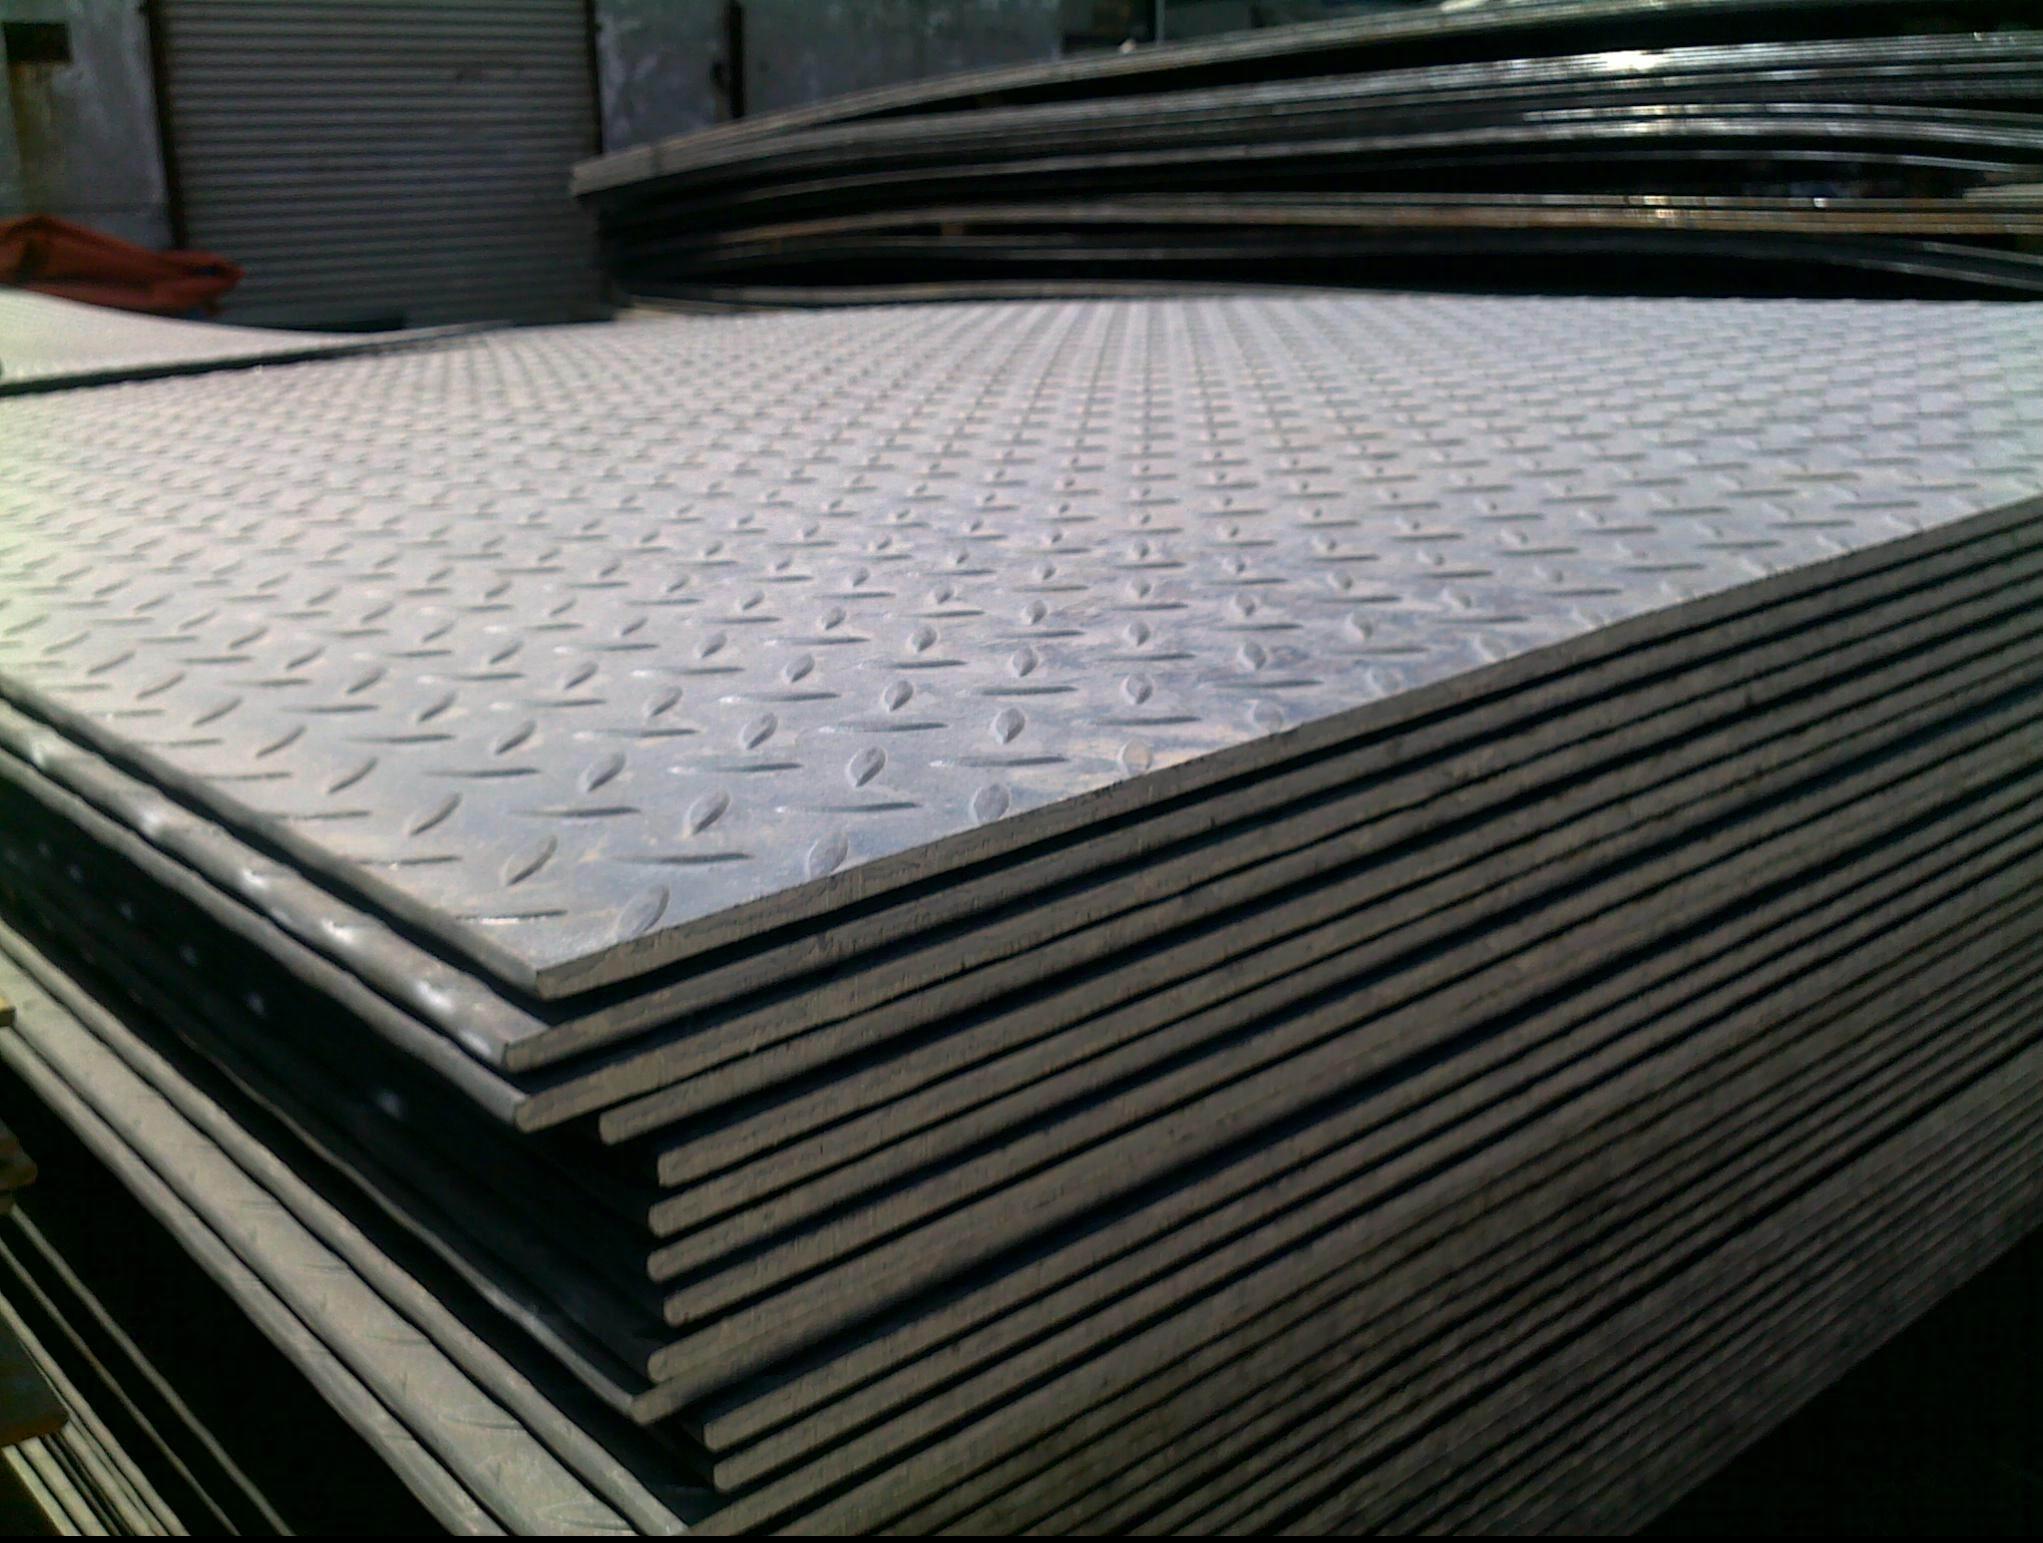 镀锌板的三种镀锌方式是什么